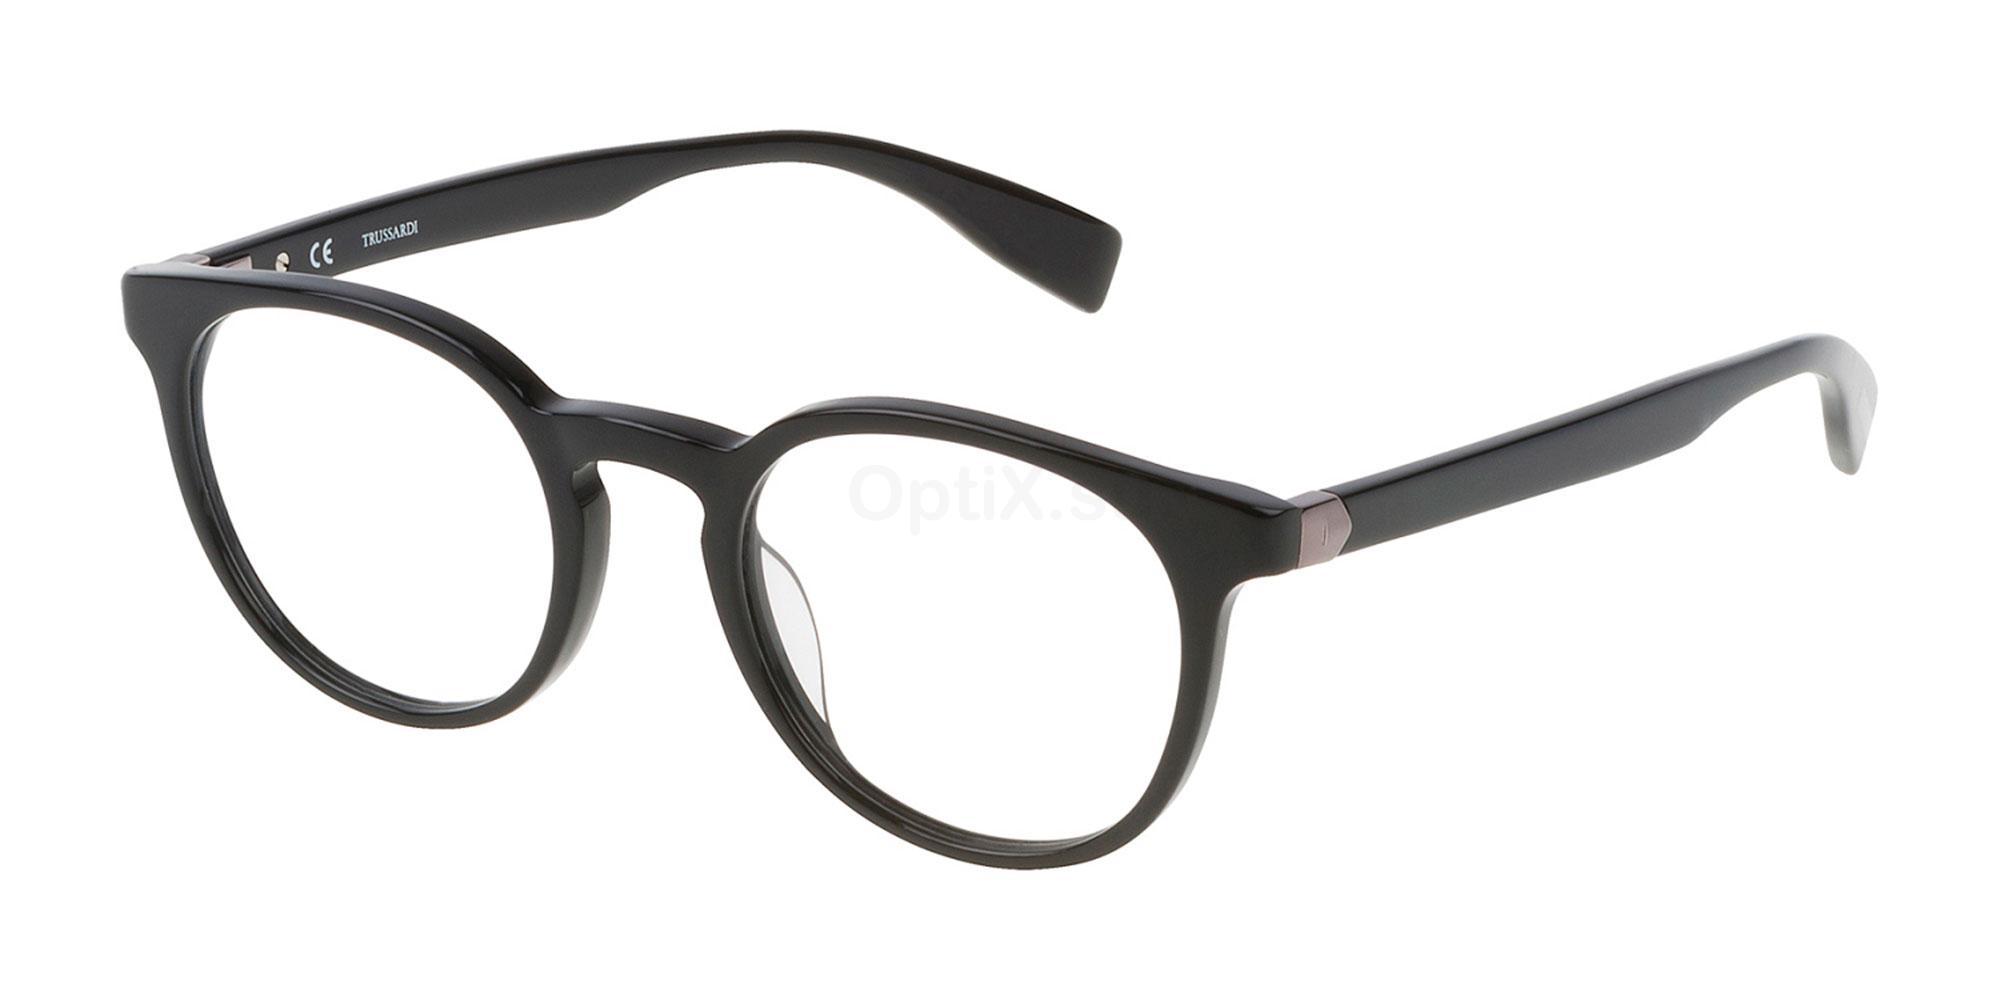 0700 VTR037 Glasses, Trussardi